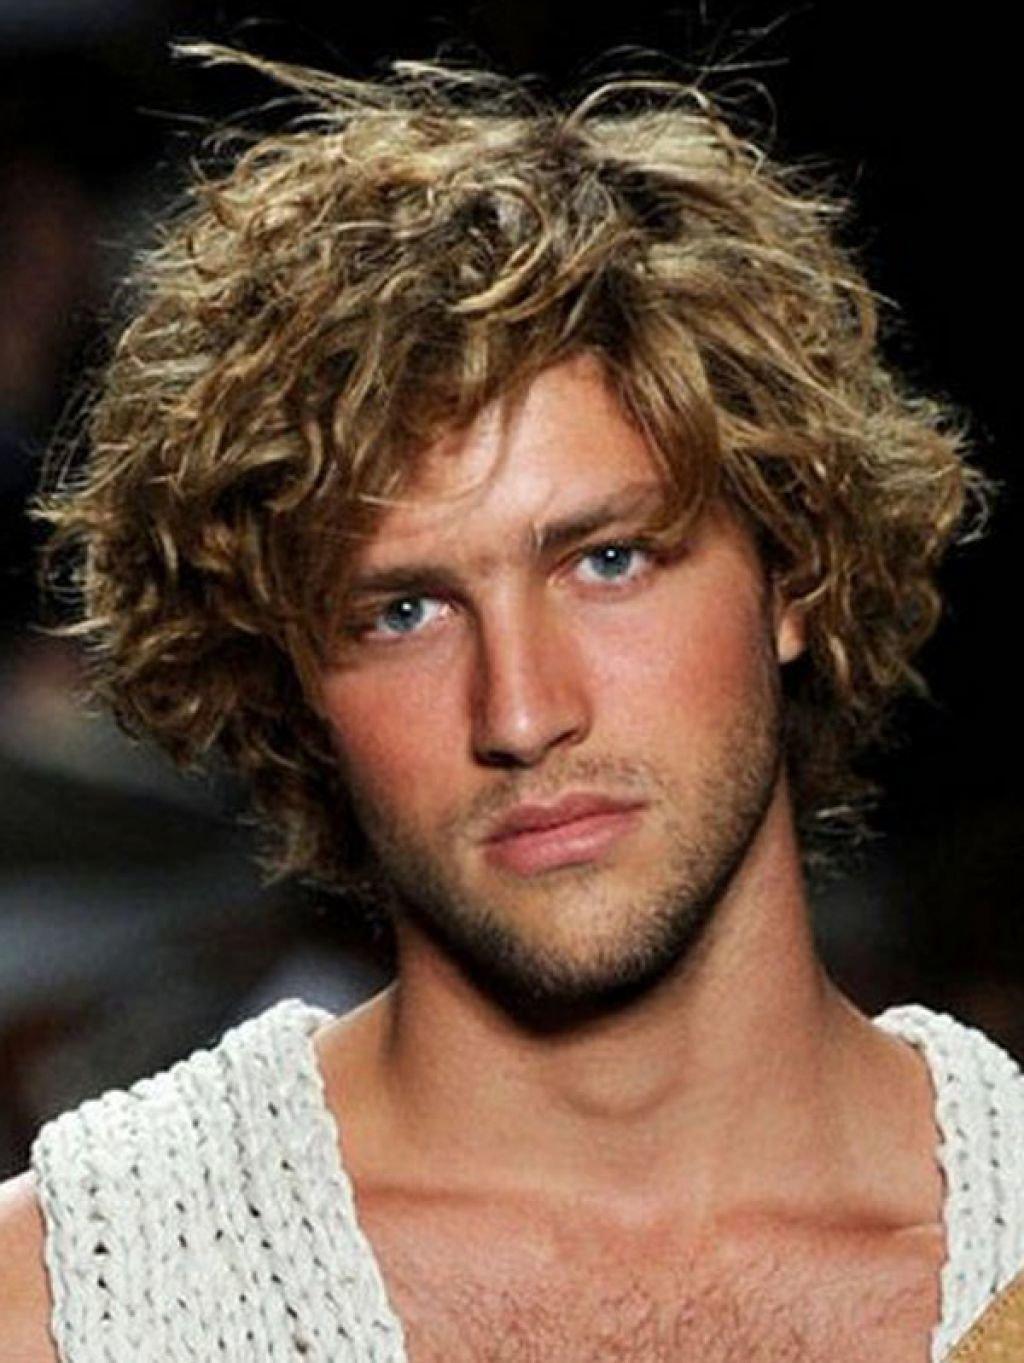 Как завить волосы мужчине - wikiHow 30